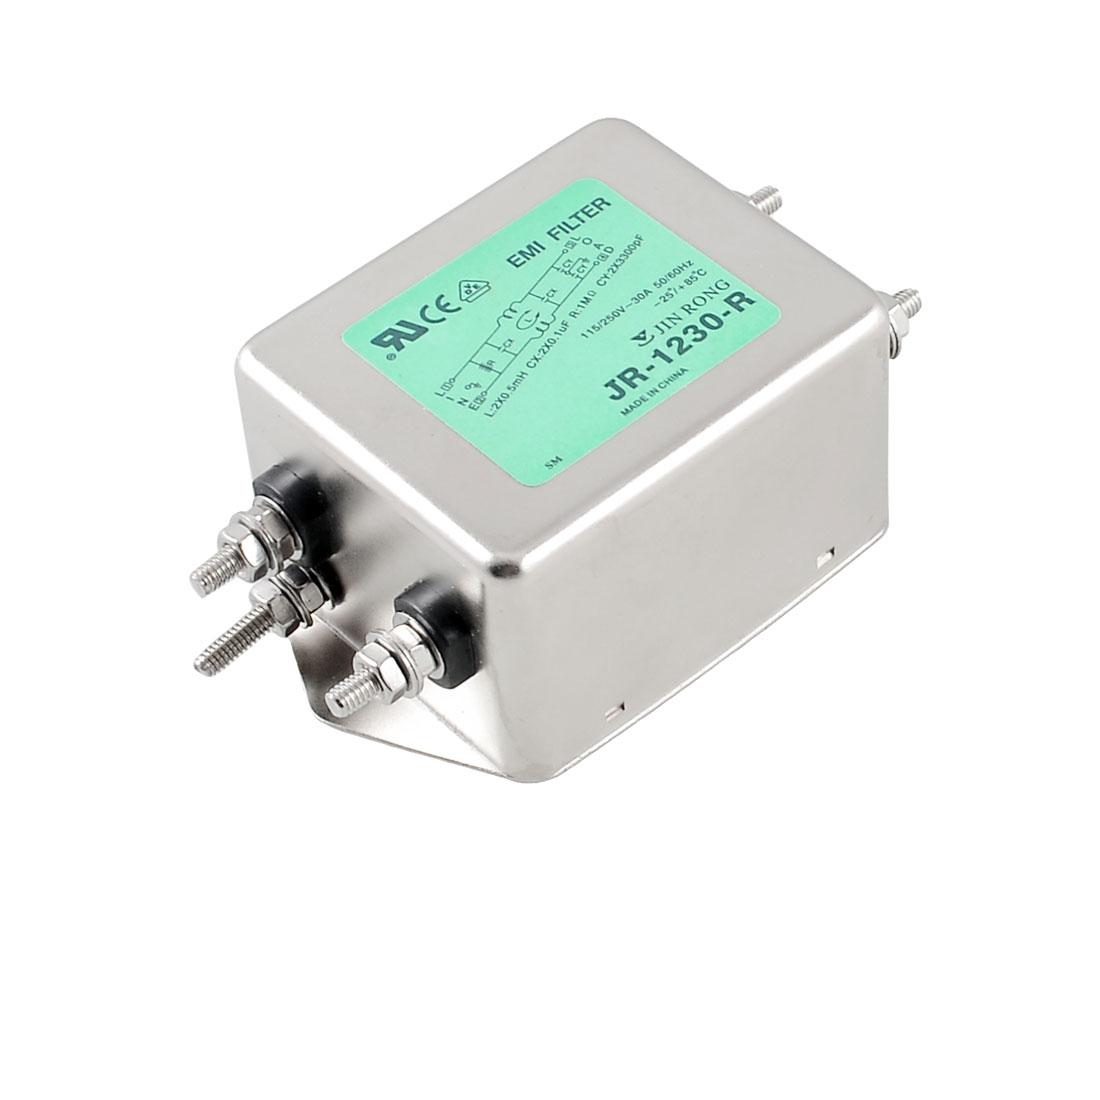 JR-1230-R 30A Alternating Current Power Line EMI Filter AC 115/250V 50/60Hz